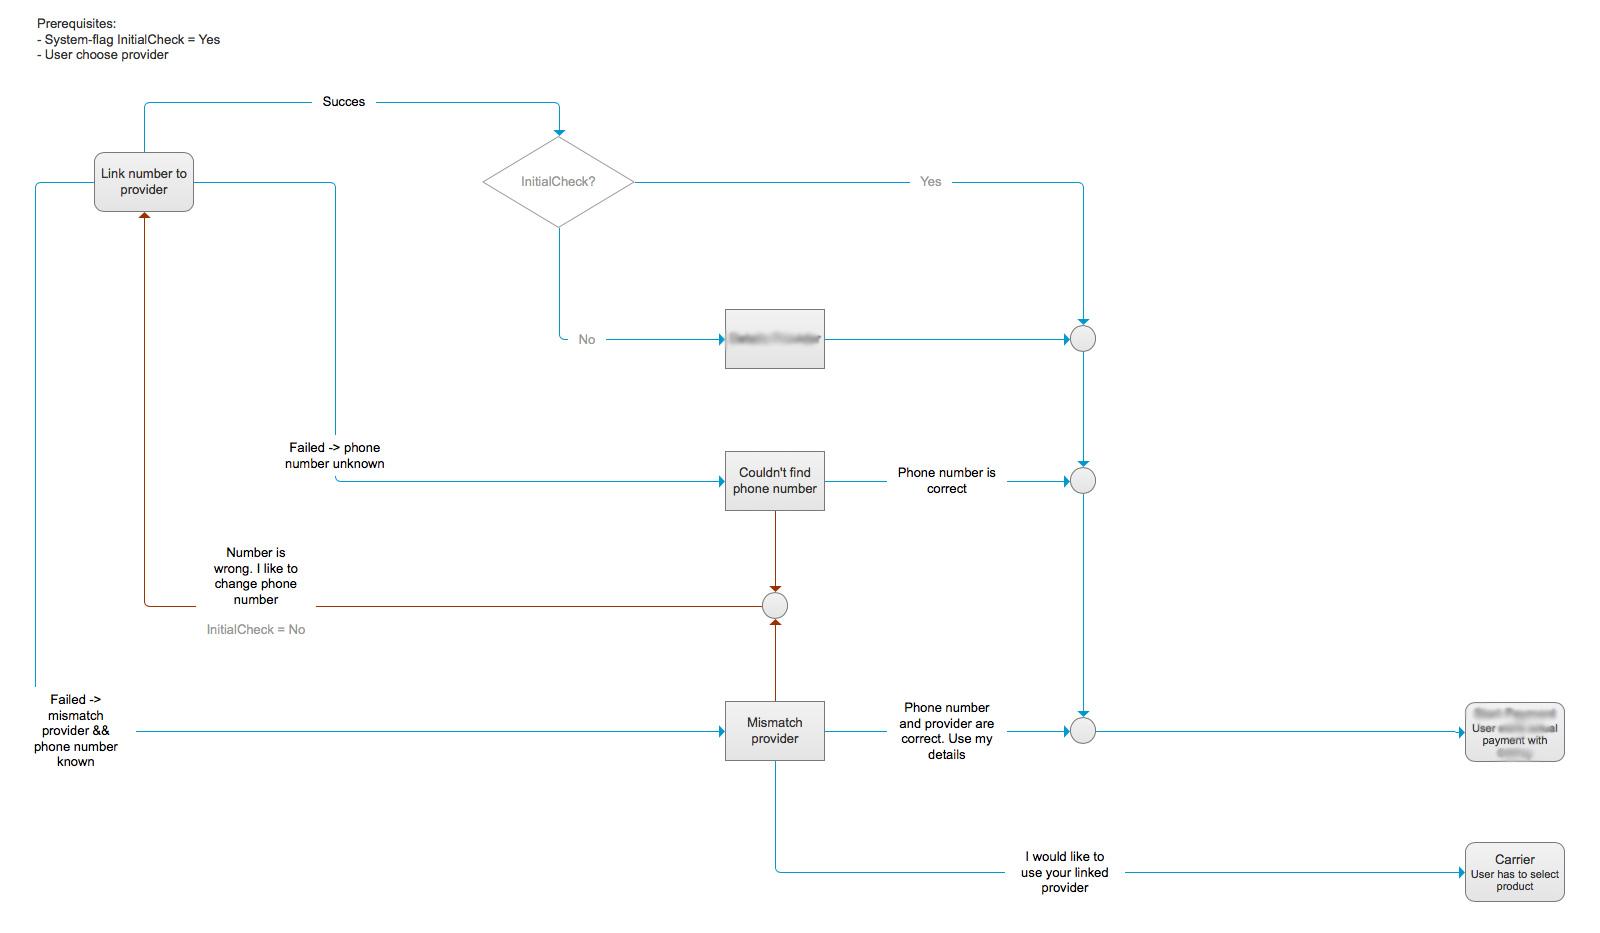 Afbeelding flow-diagram unhappyflow nieuwe functionaliteit